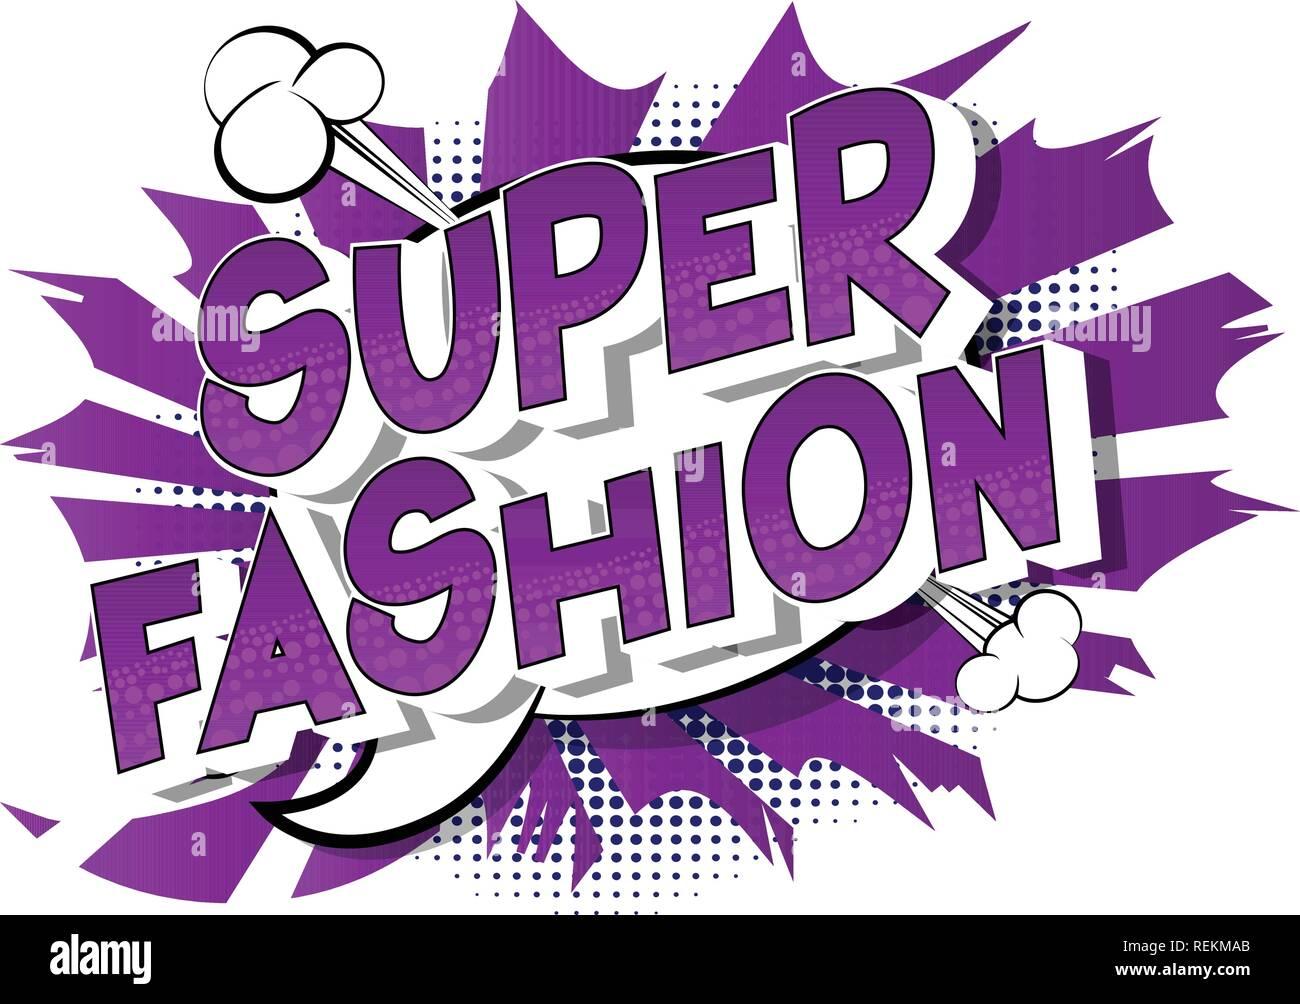 Super Moda Vettore Illustrata In Stile Fumetto Una Frase Su Sfondo